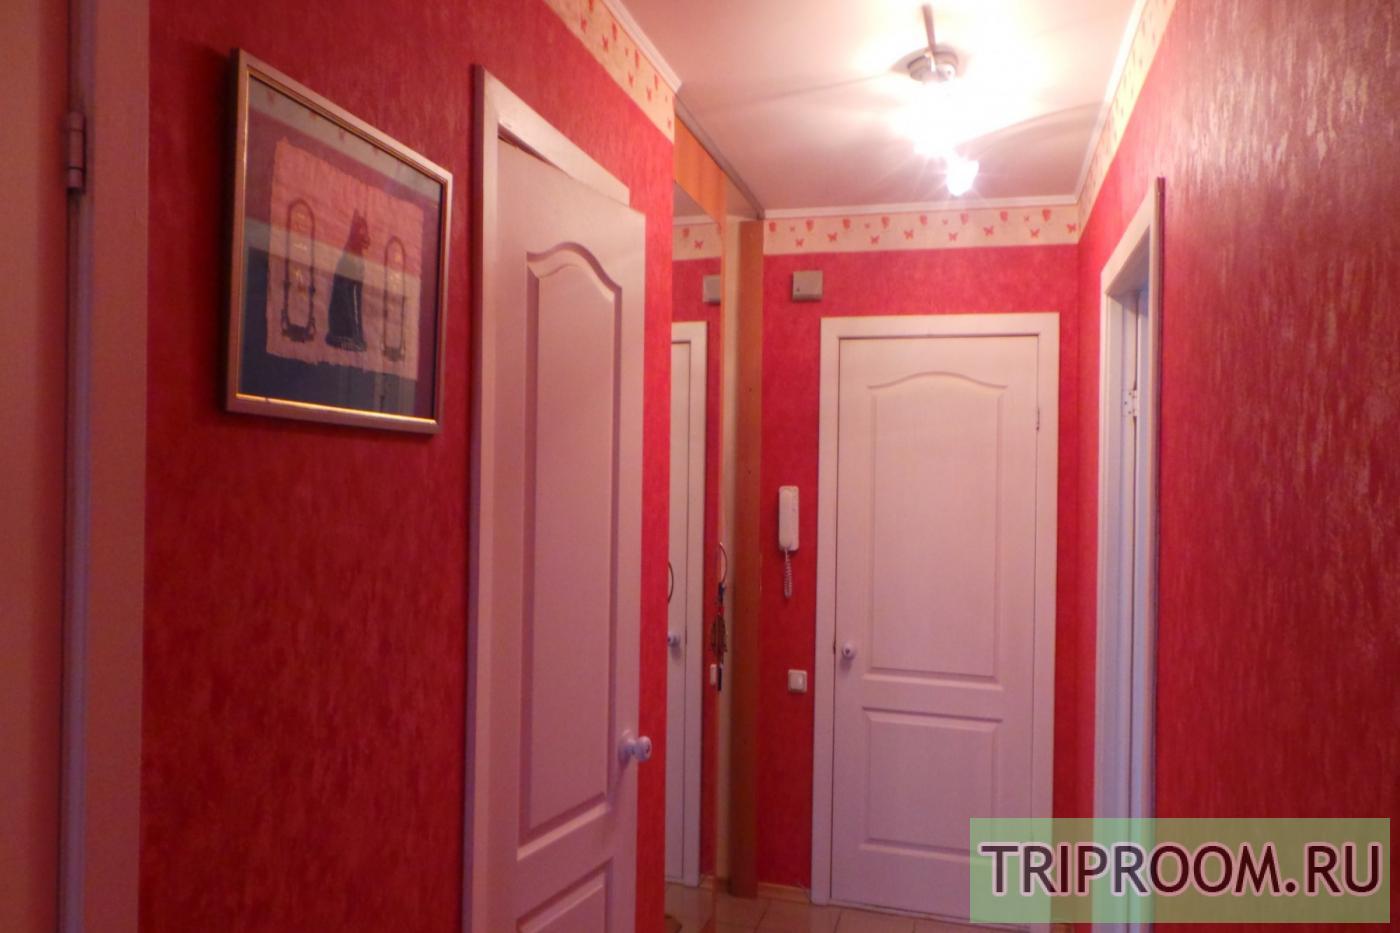 1-комнатная квартира посуточно (вариант № 19260), ул. Чернышевского улица, фото № 5